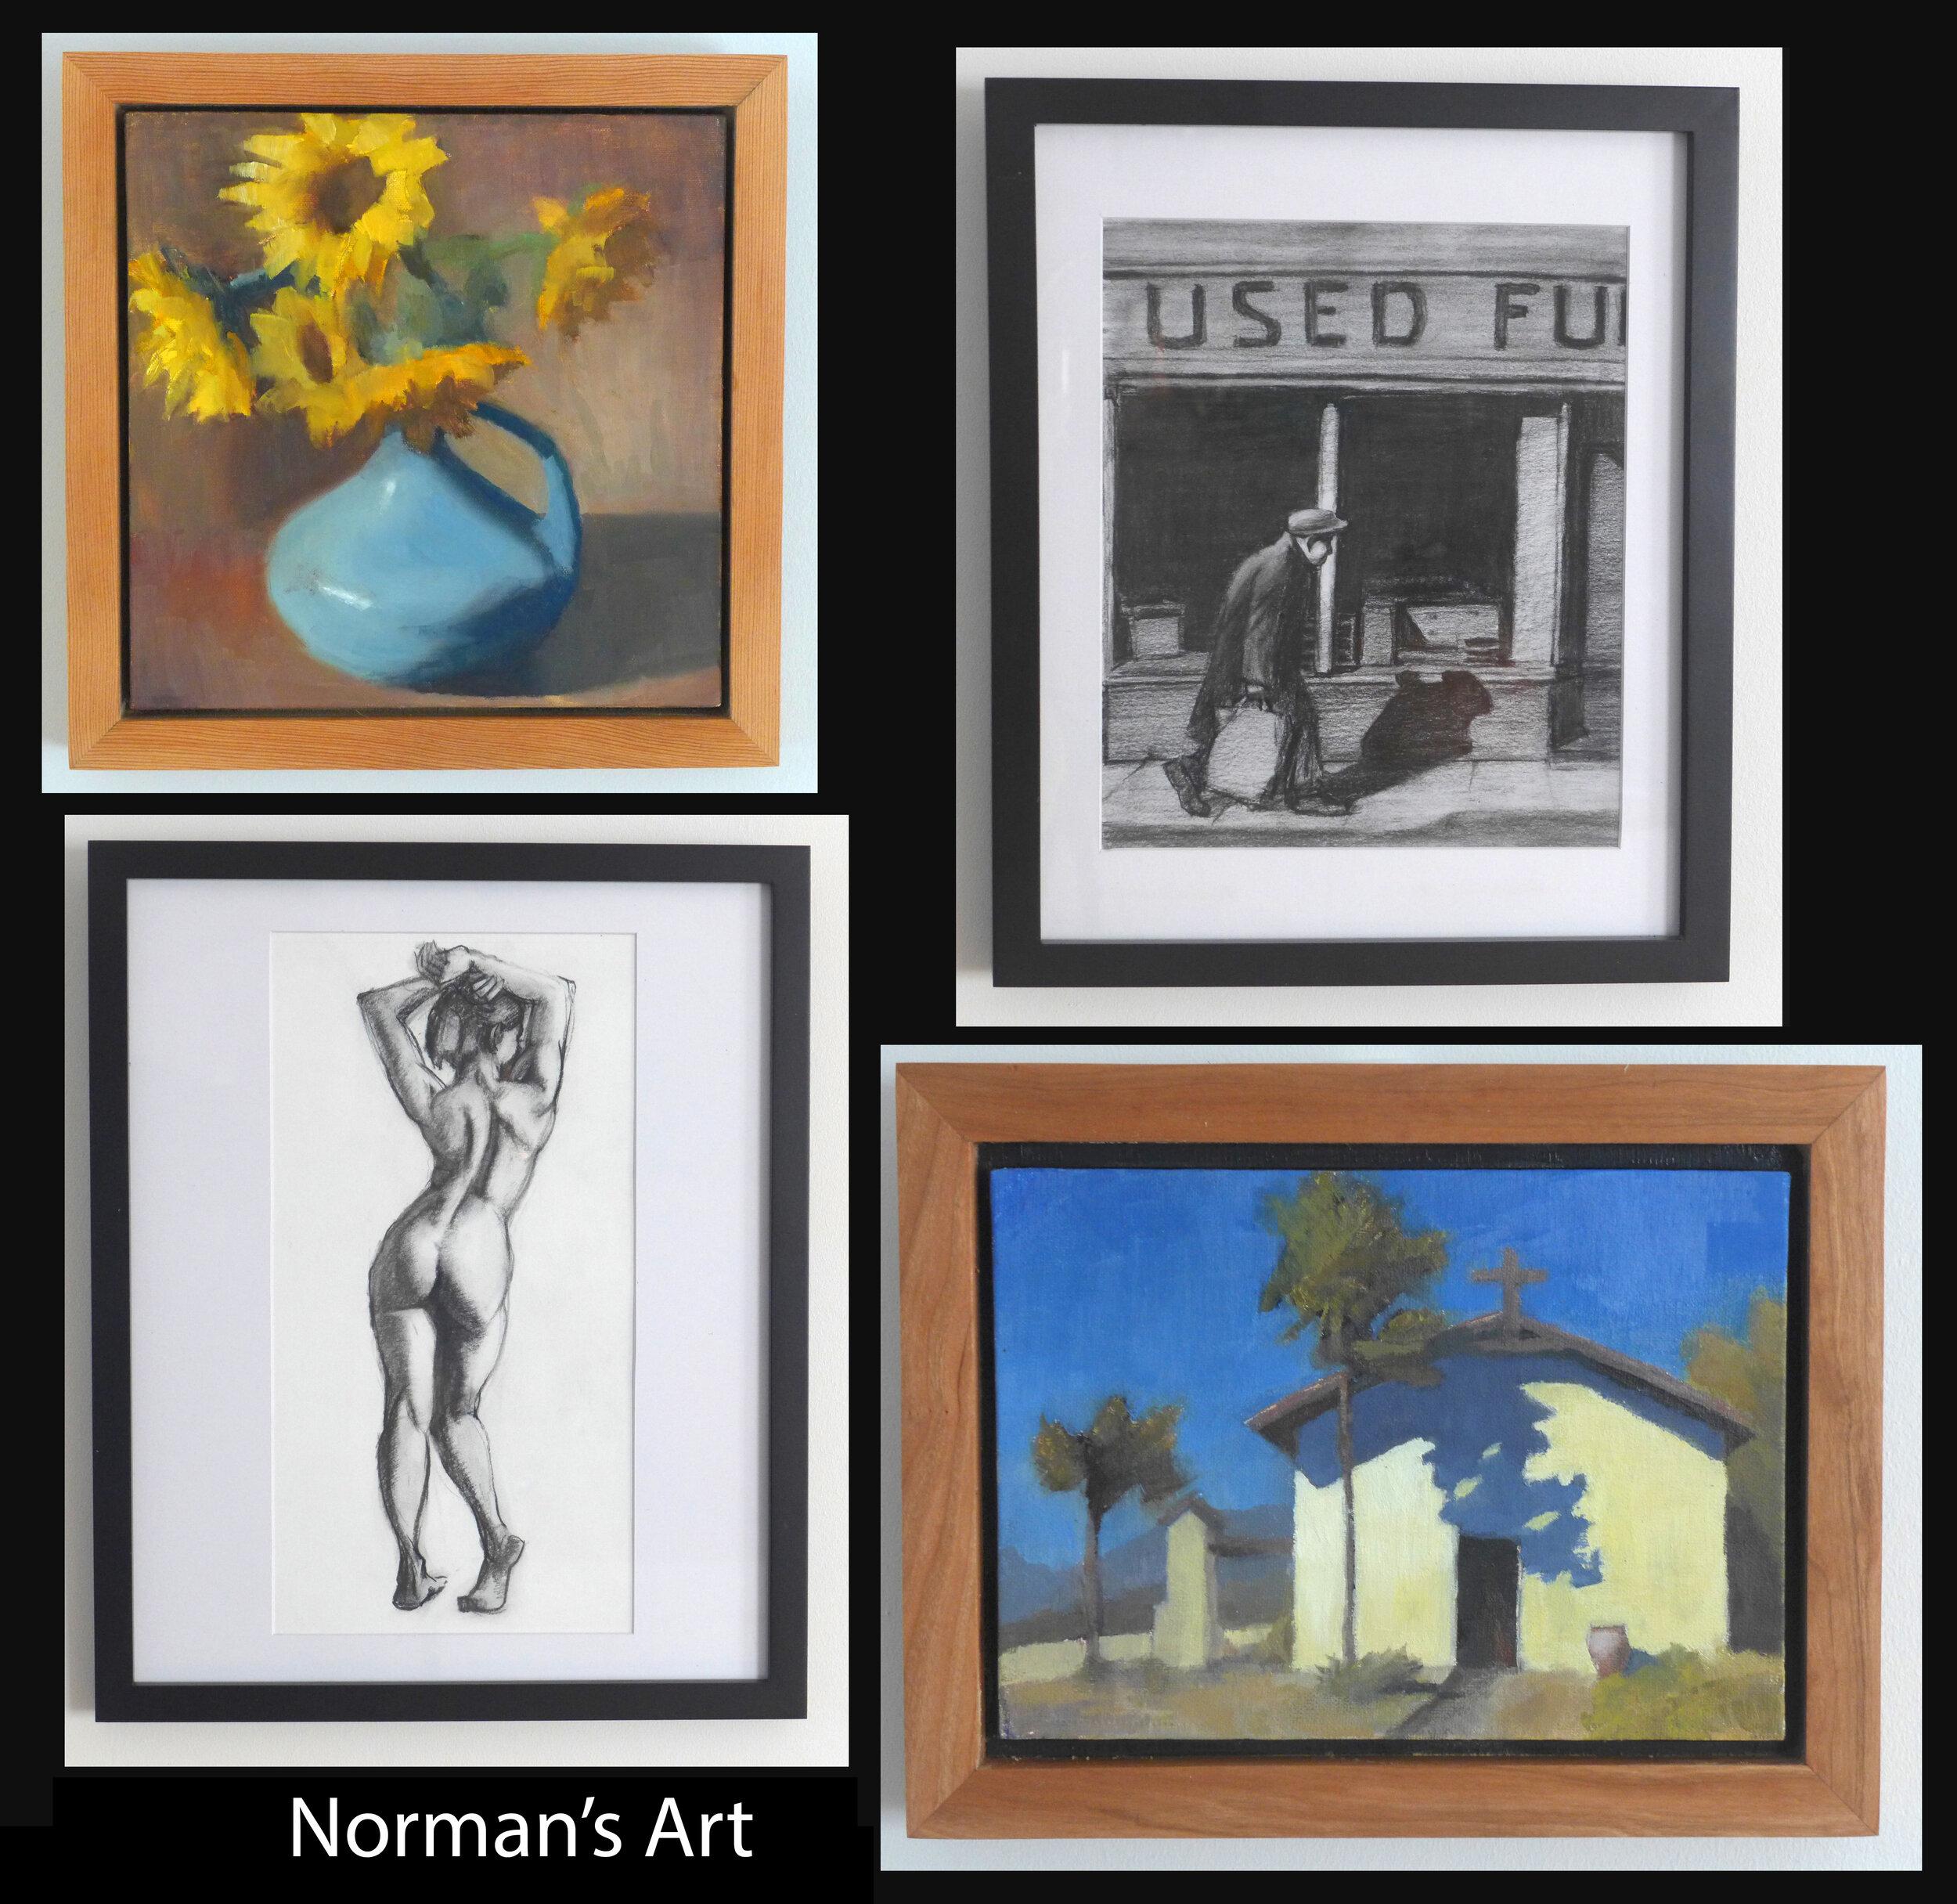 Norman's Art